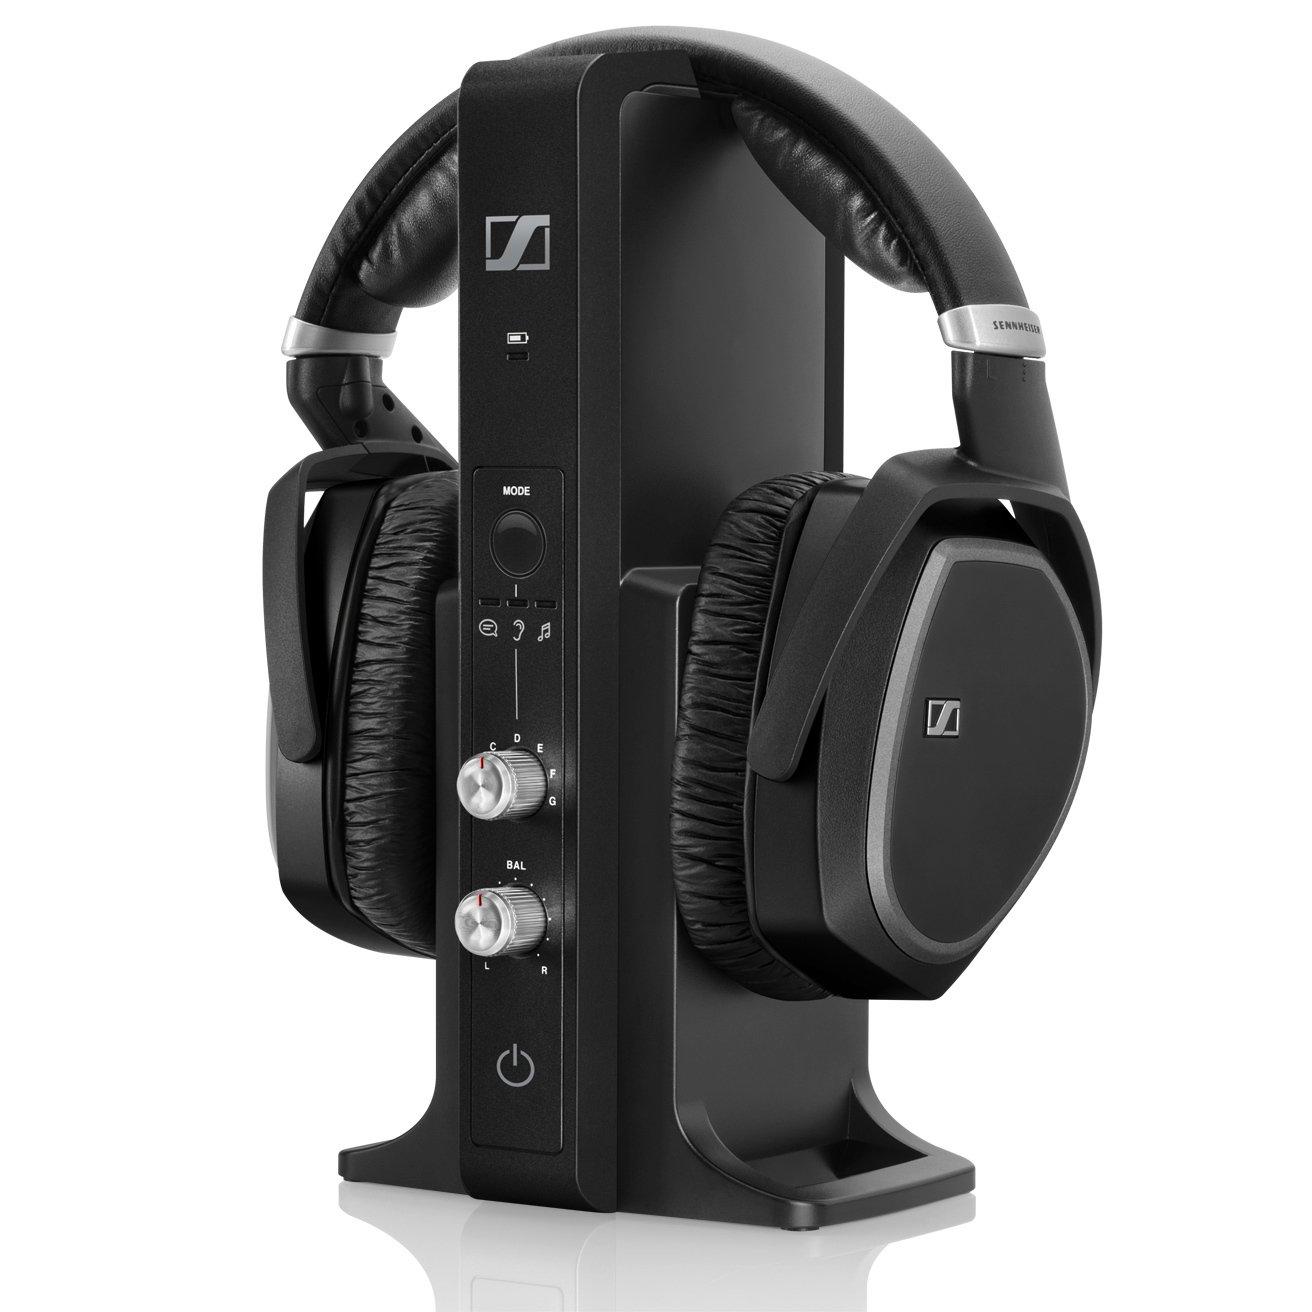 Sennheiser Casque sans fil TV/HiFi permettant de compenser une perte auditive légère (RS195)